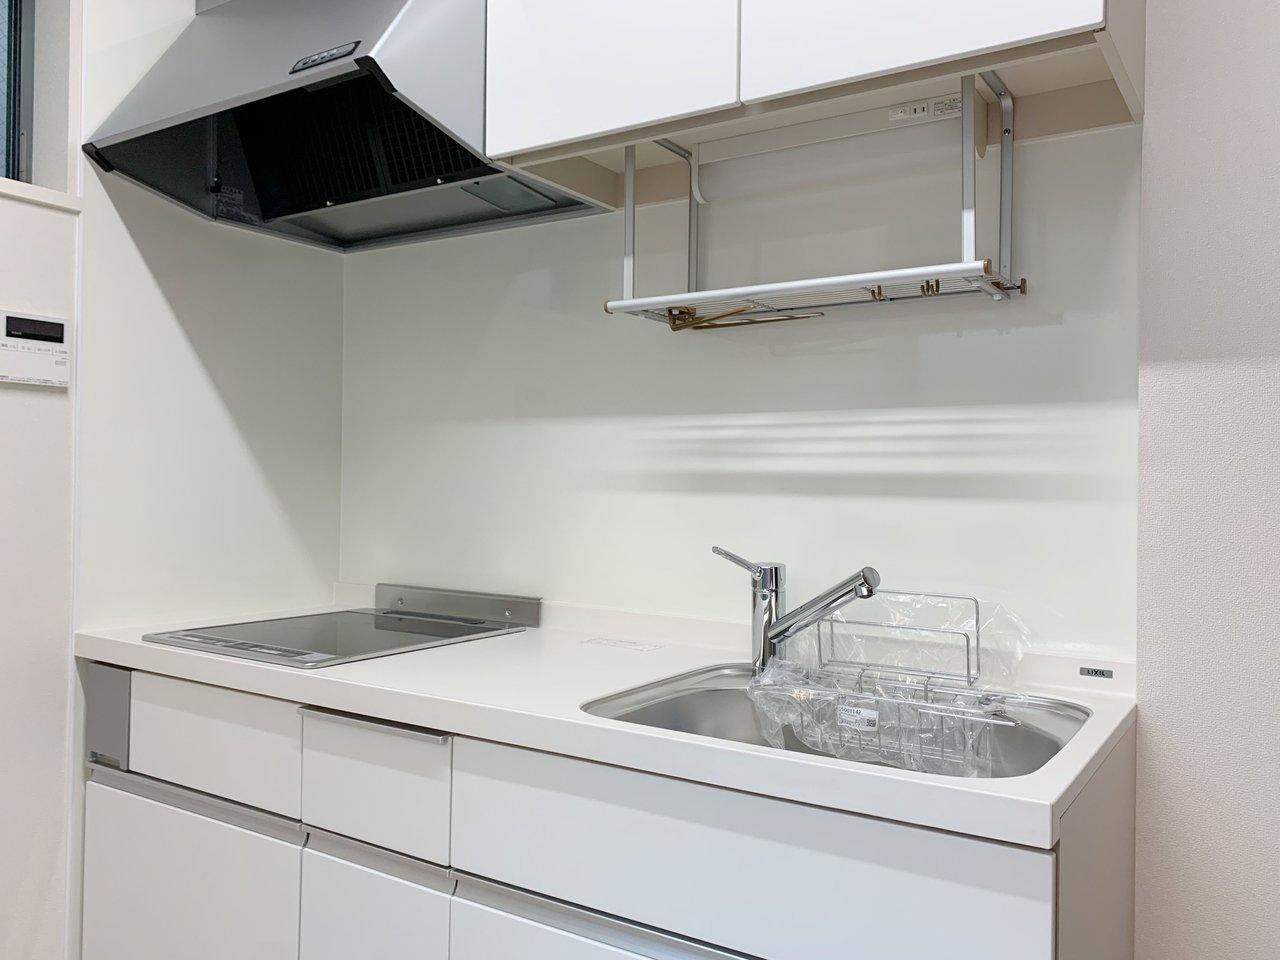 新築だから、キッチン・洗面台・お風呂もピカピカ。気持ちよく使えますね。